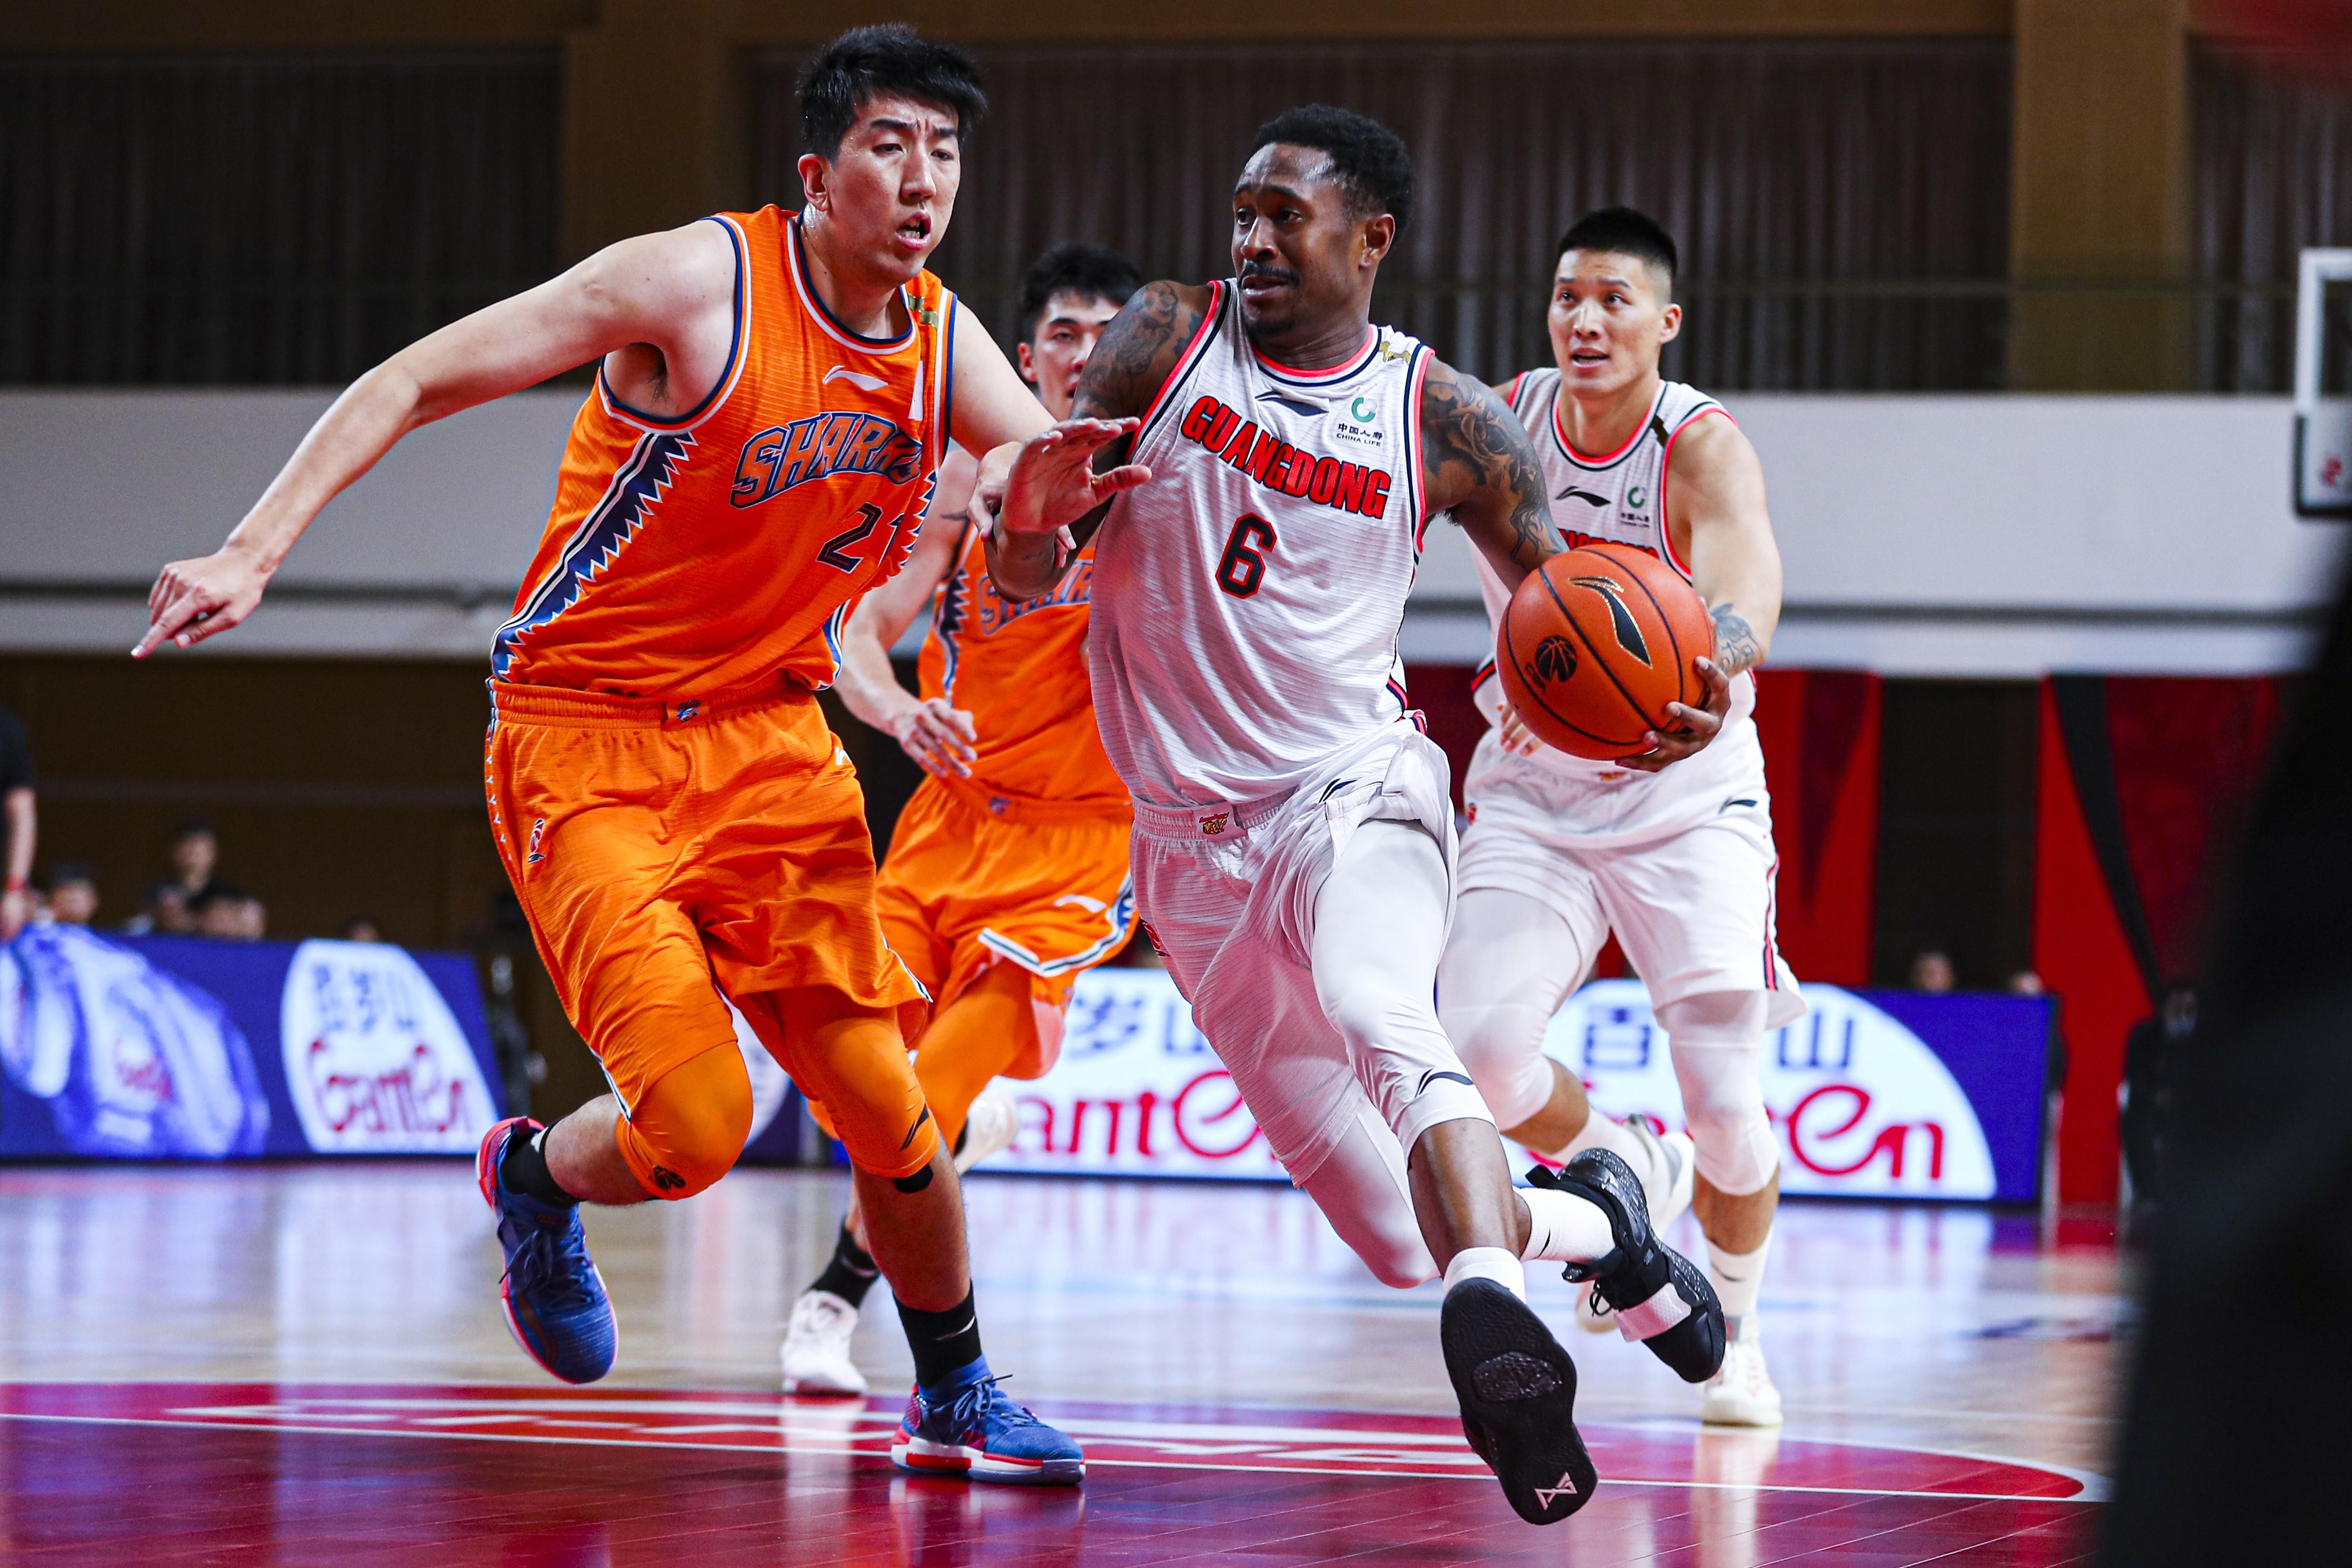 广东男篮在常规赛第八轮惊险打败了实力不俗的北京首钢男篮